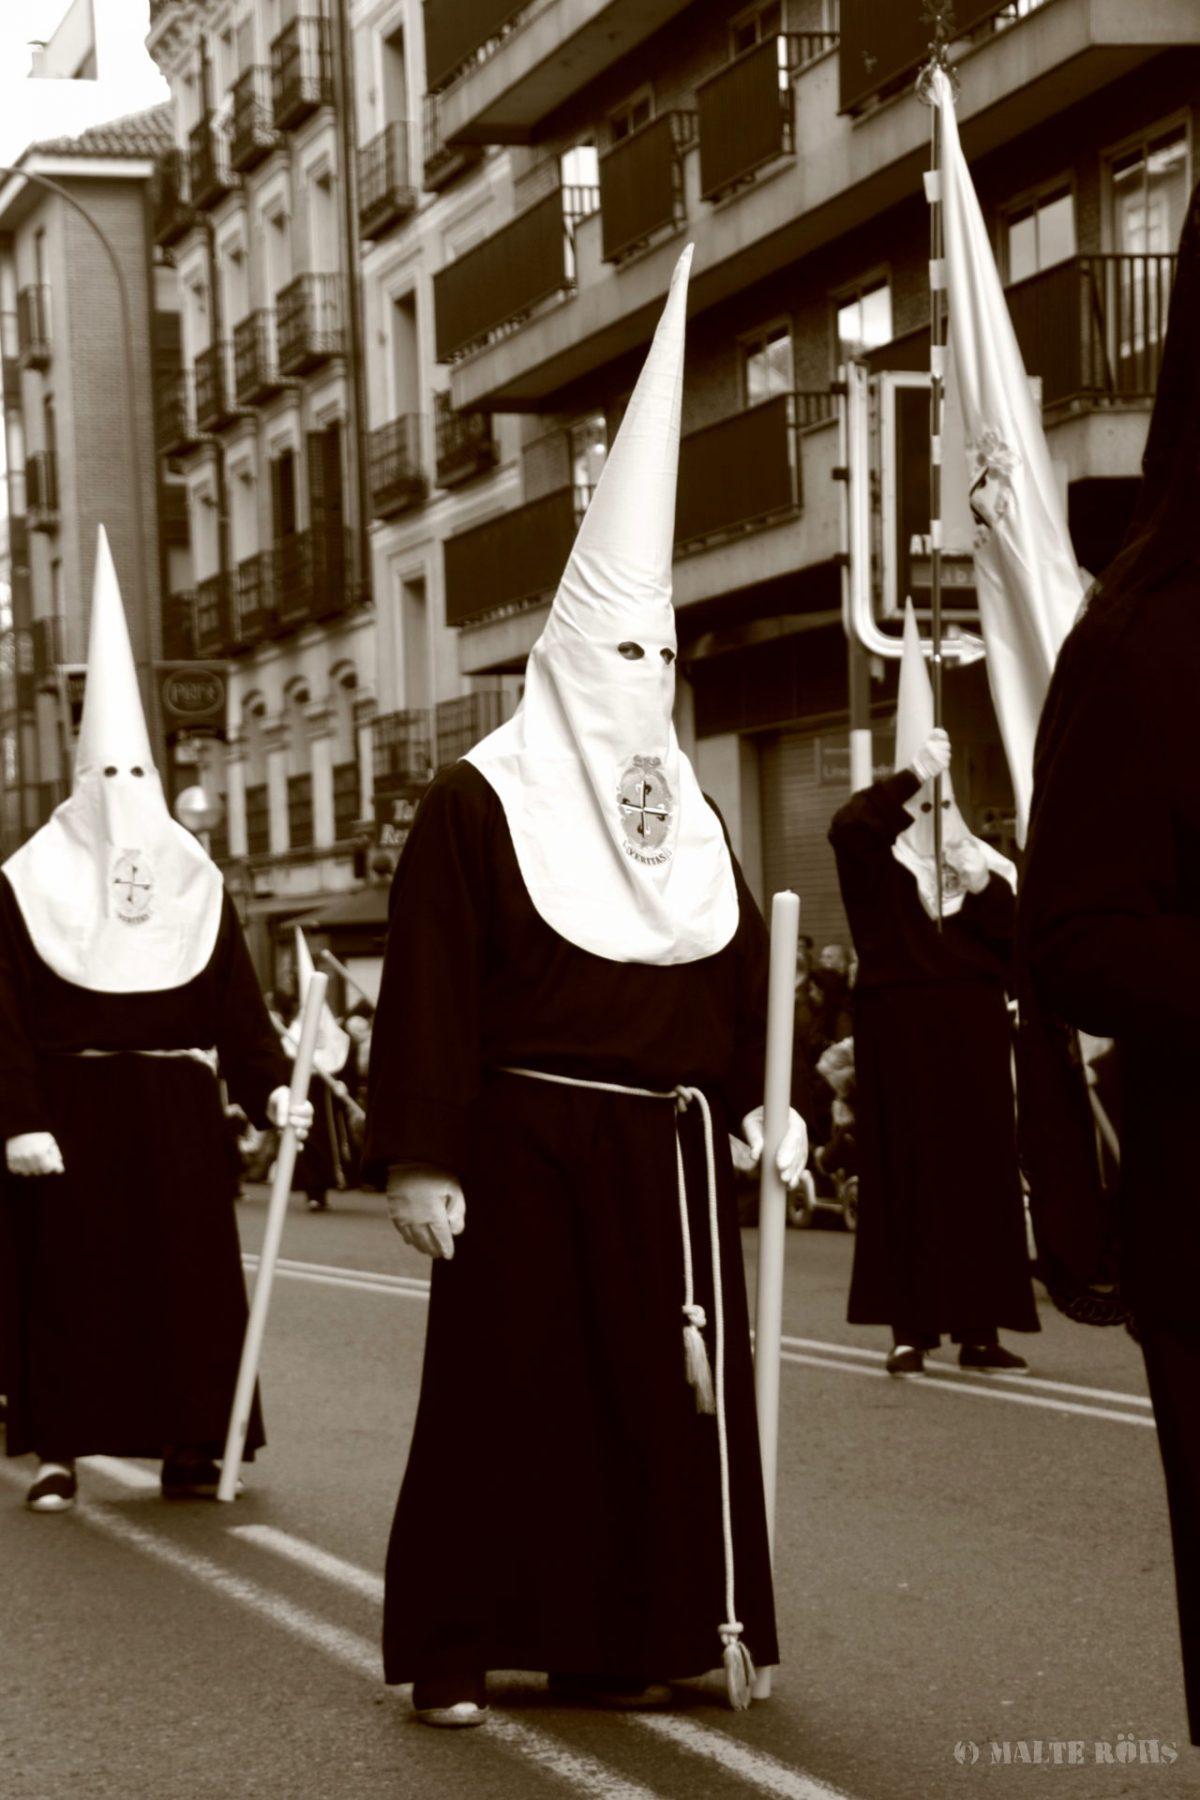 Procesión del Silencio en Madrid, Spain